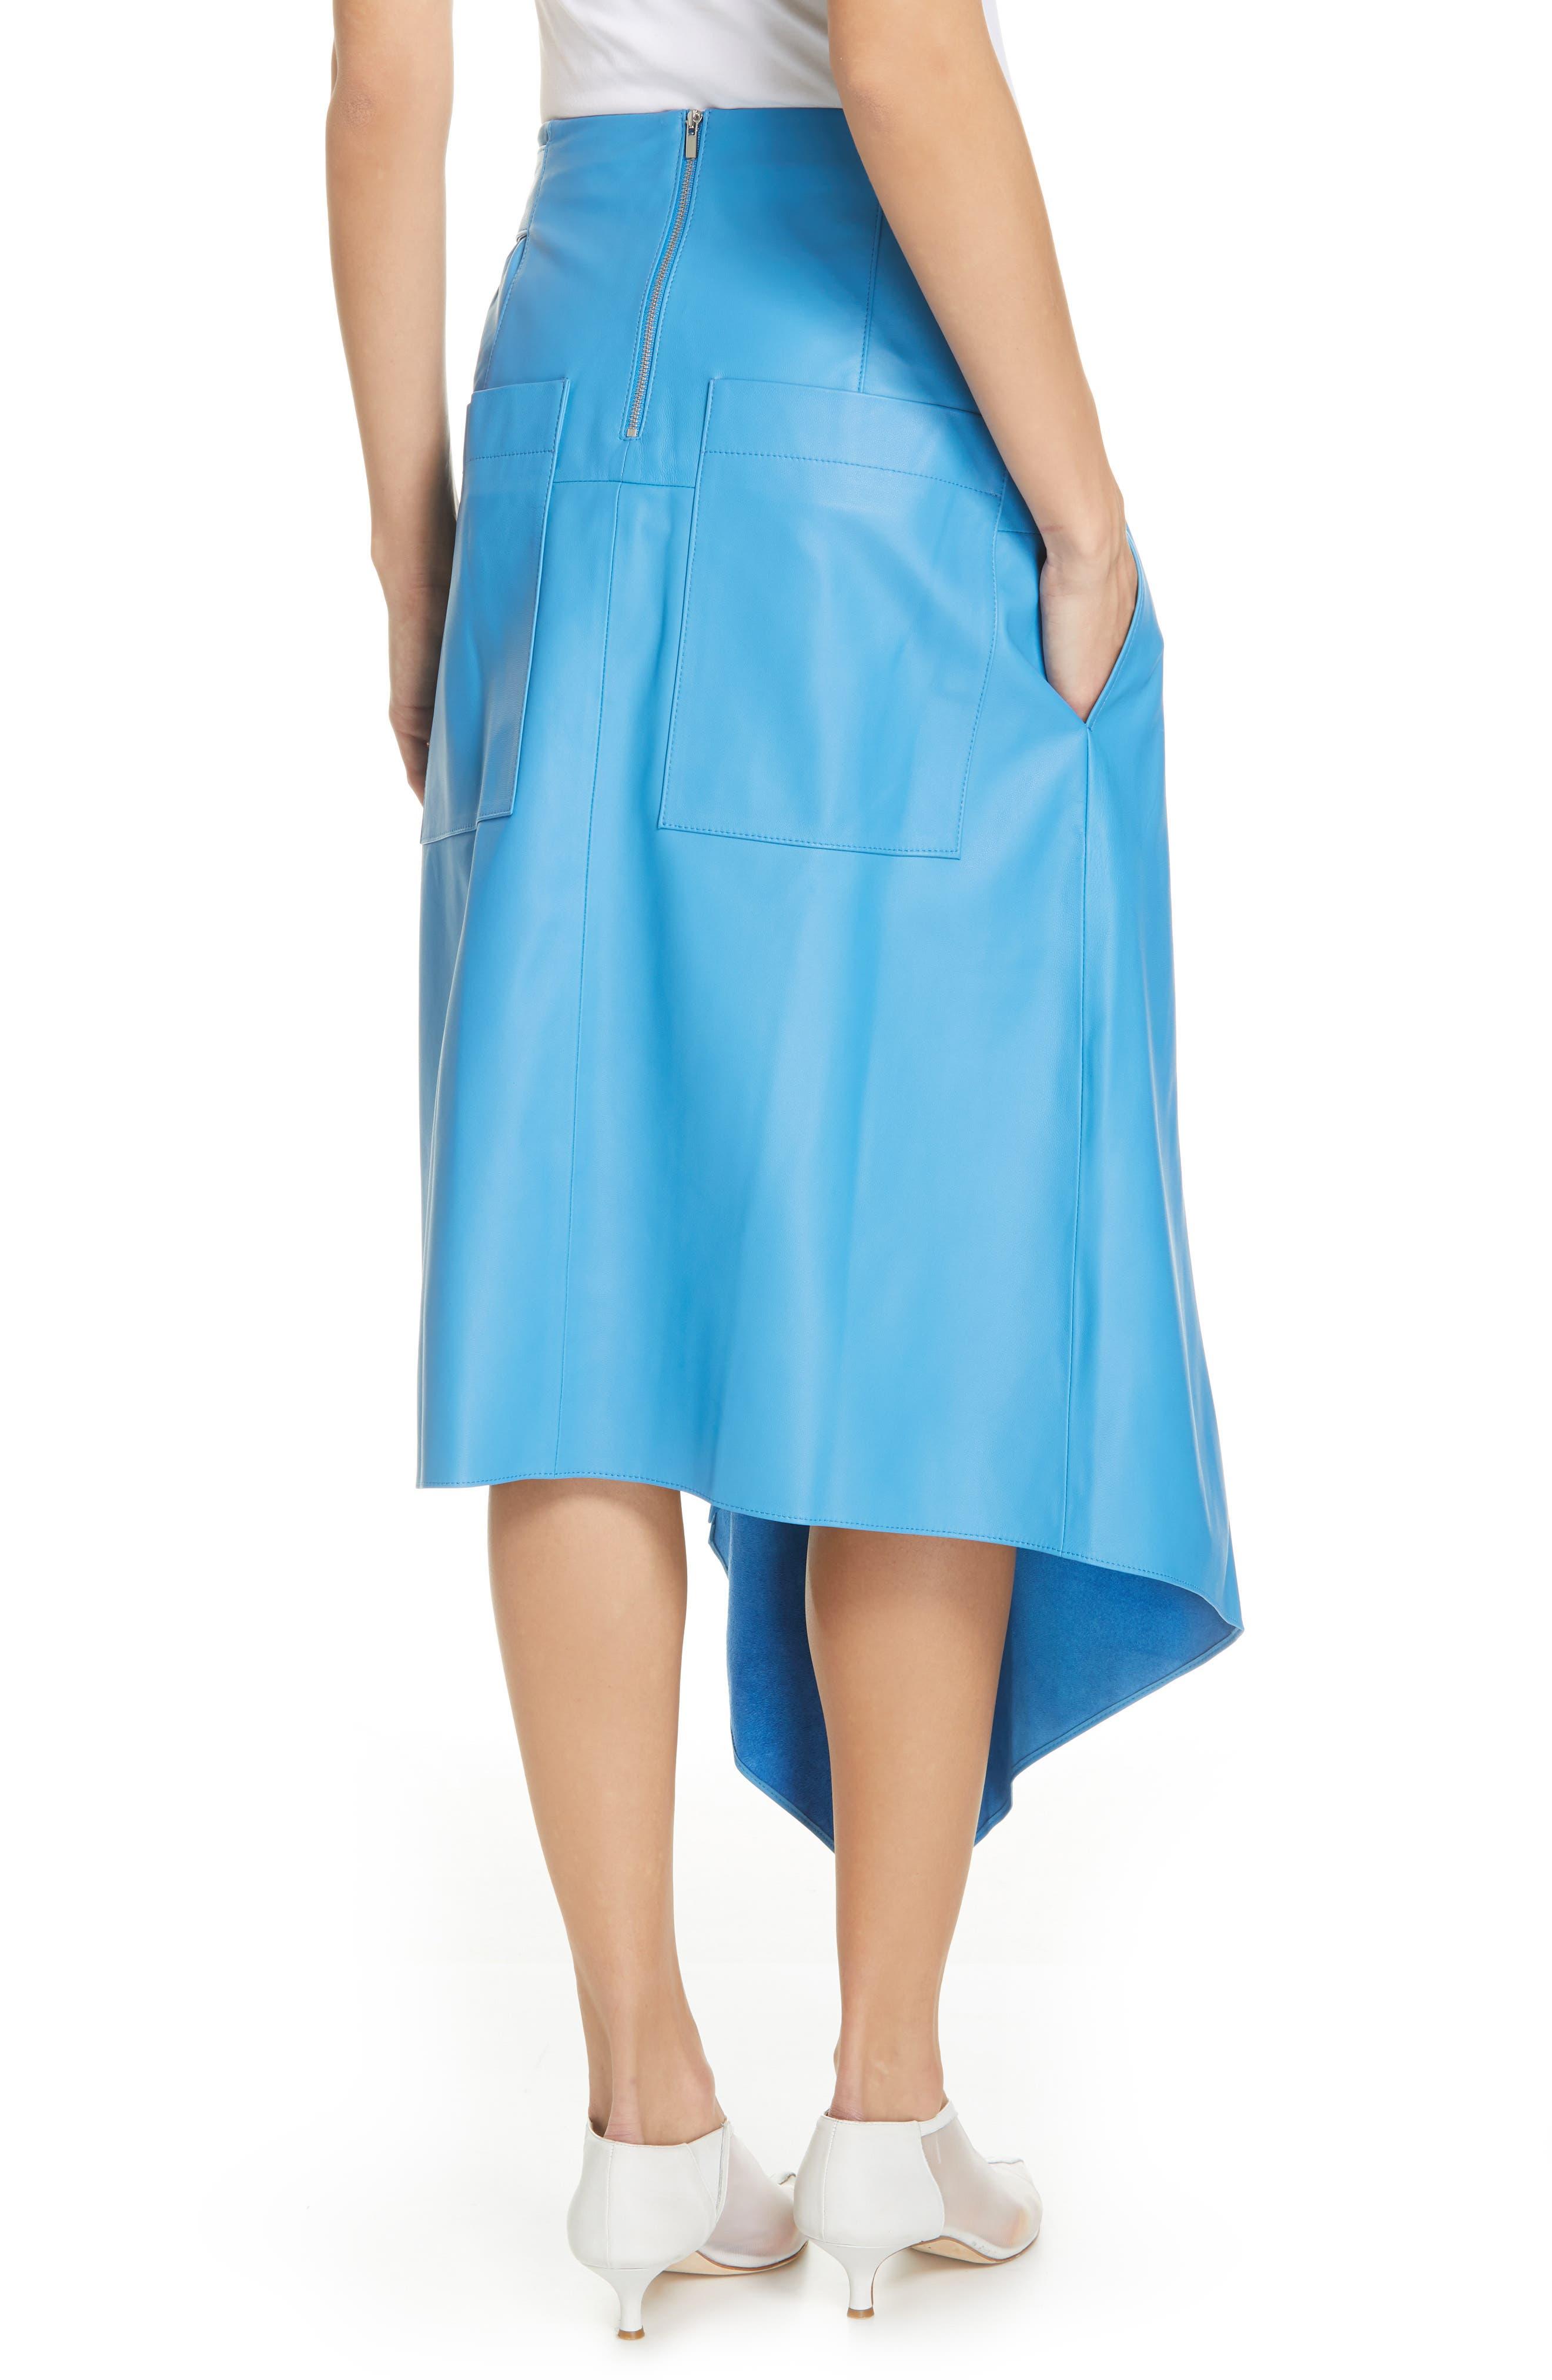 TIBI,                             Asymmetrical Drape Tissue Leather Skirt,                             Alternate thumbnail 2, color,                             OCEAN BLUE